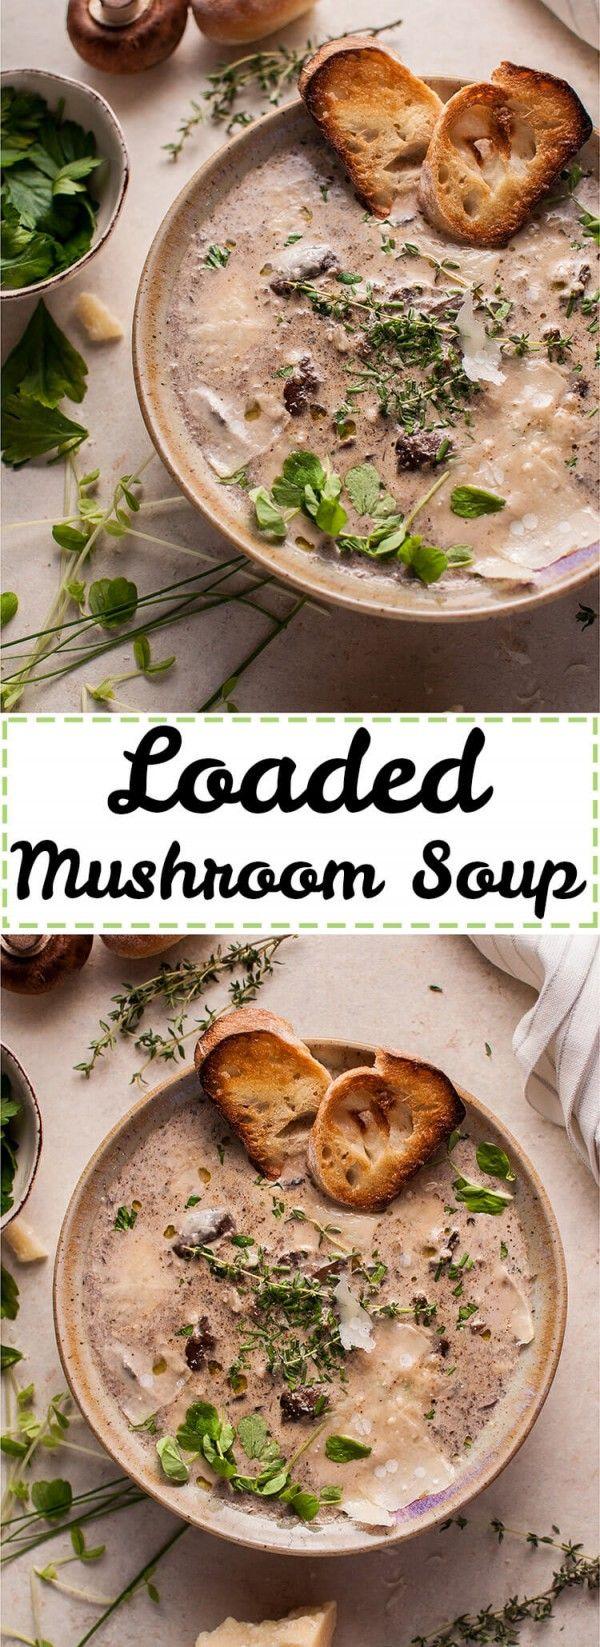 Get the recipe Loaded Mushroom Soup @recipes_to_go